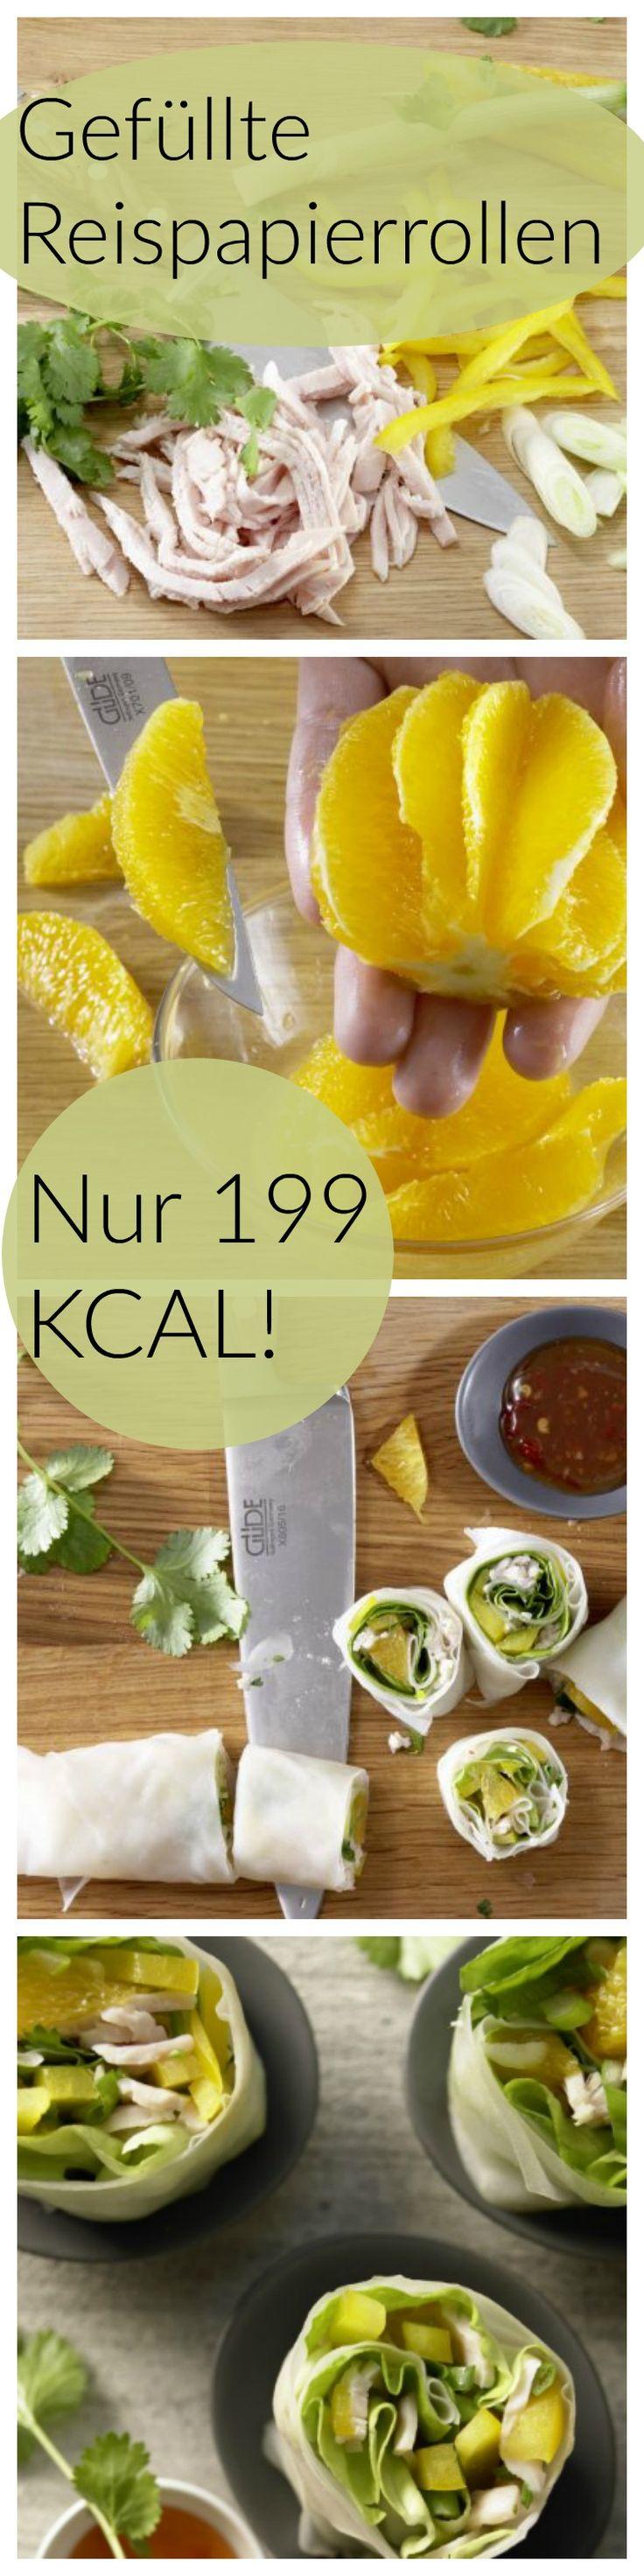 Leichter Genuss, der nicht auf die Rippen geht: Gefüllte Reispapierrollen mit Putenbrust, Paprika, Orange und Koriander | http://eatsmarter.de/rezepte/gefuellte-reispapierrollen